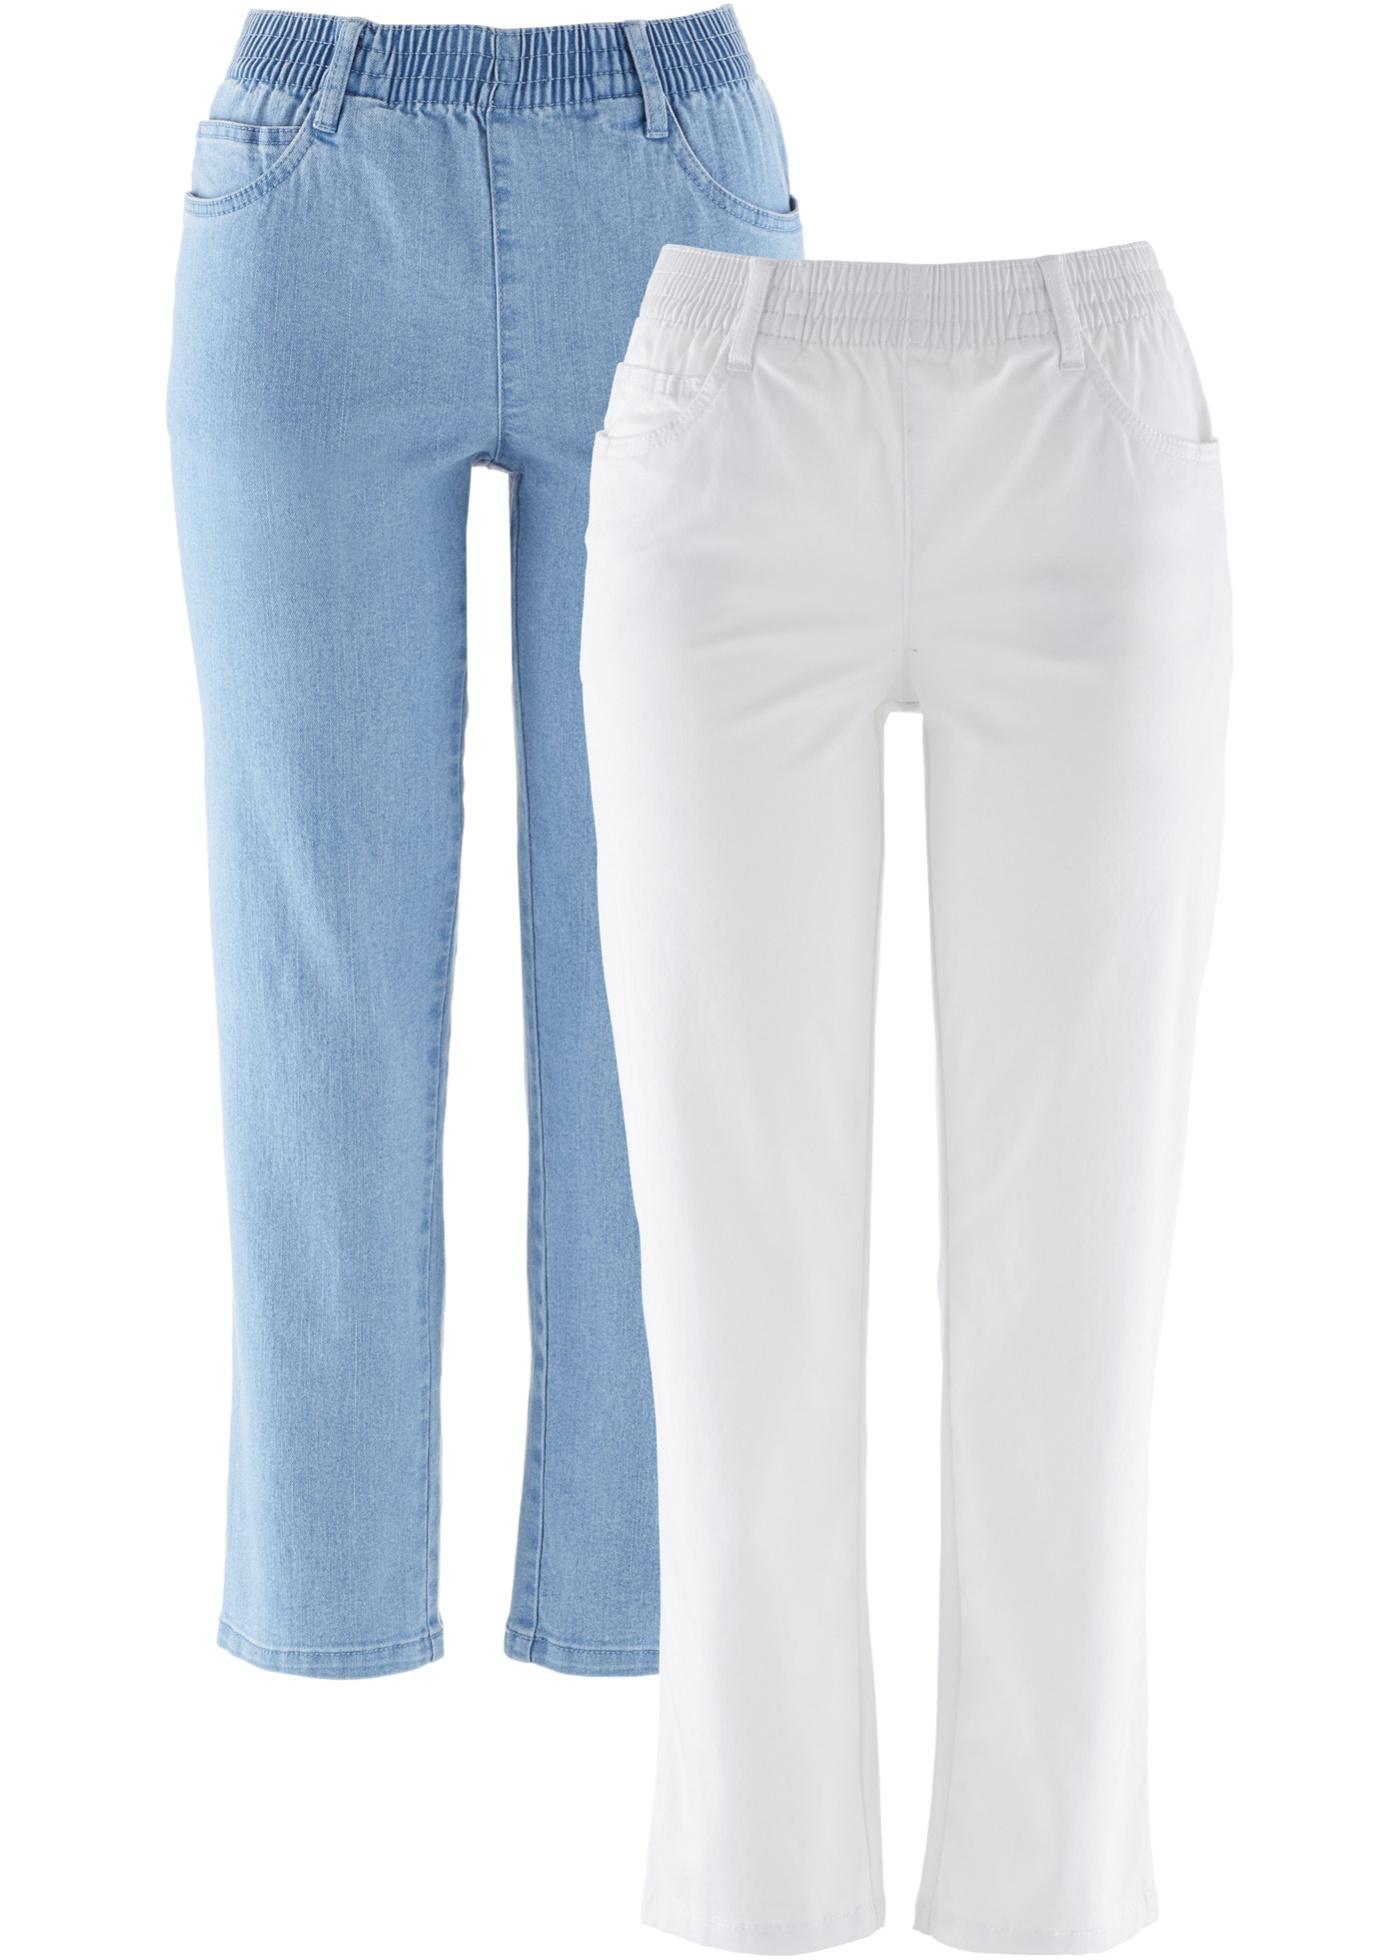 7 Blanc 2 Pantalons Extensibles Pour Femme CollectionLot 8 Bpc Bonprix De v80wOmNn